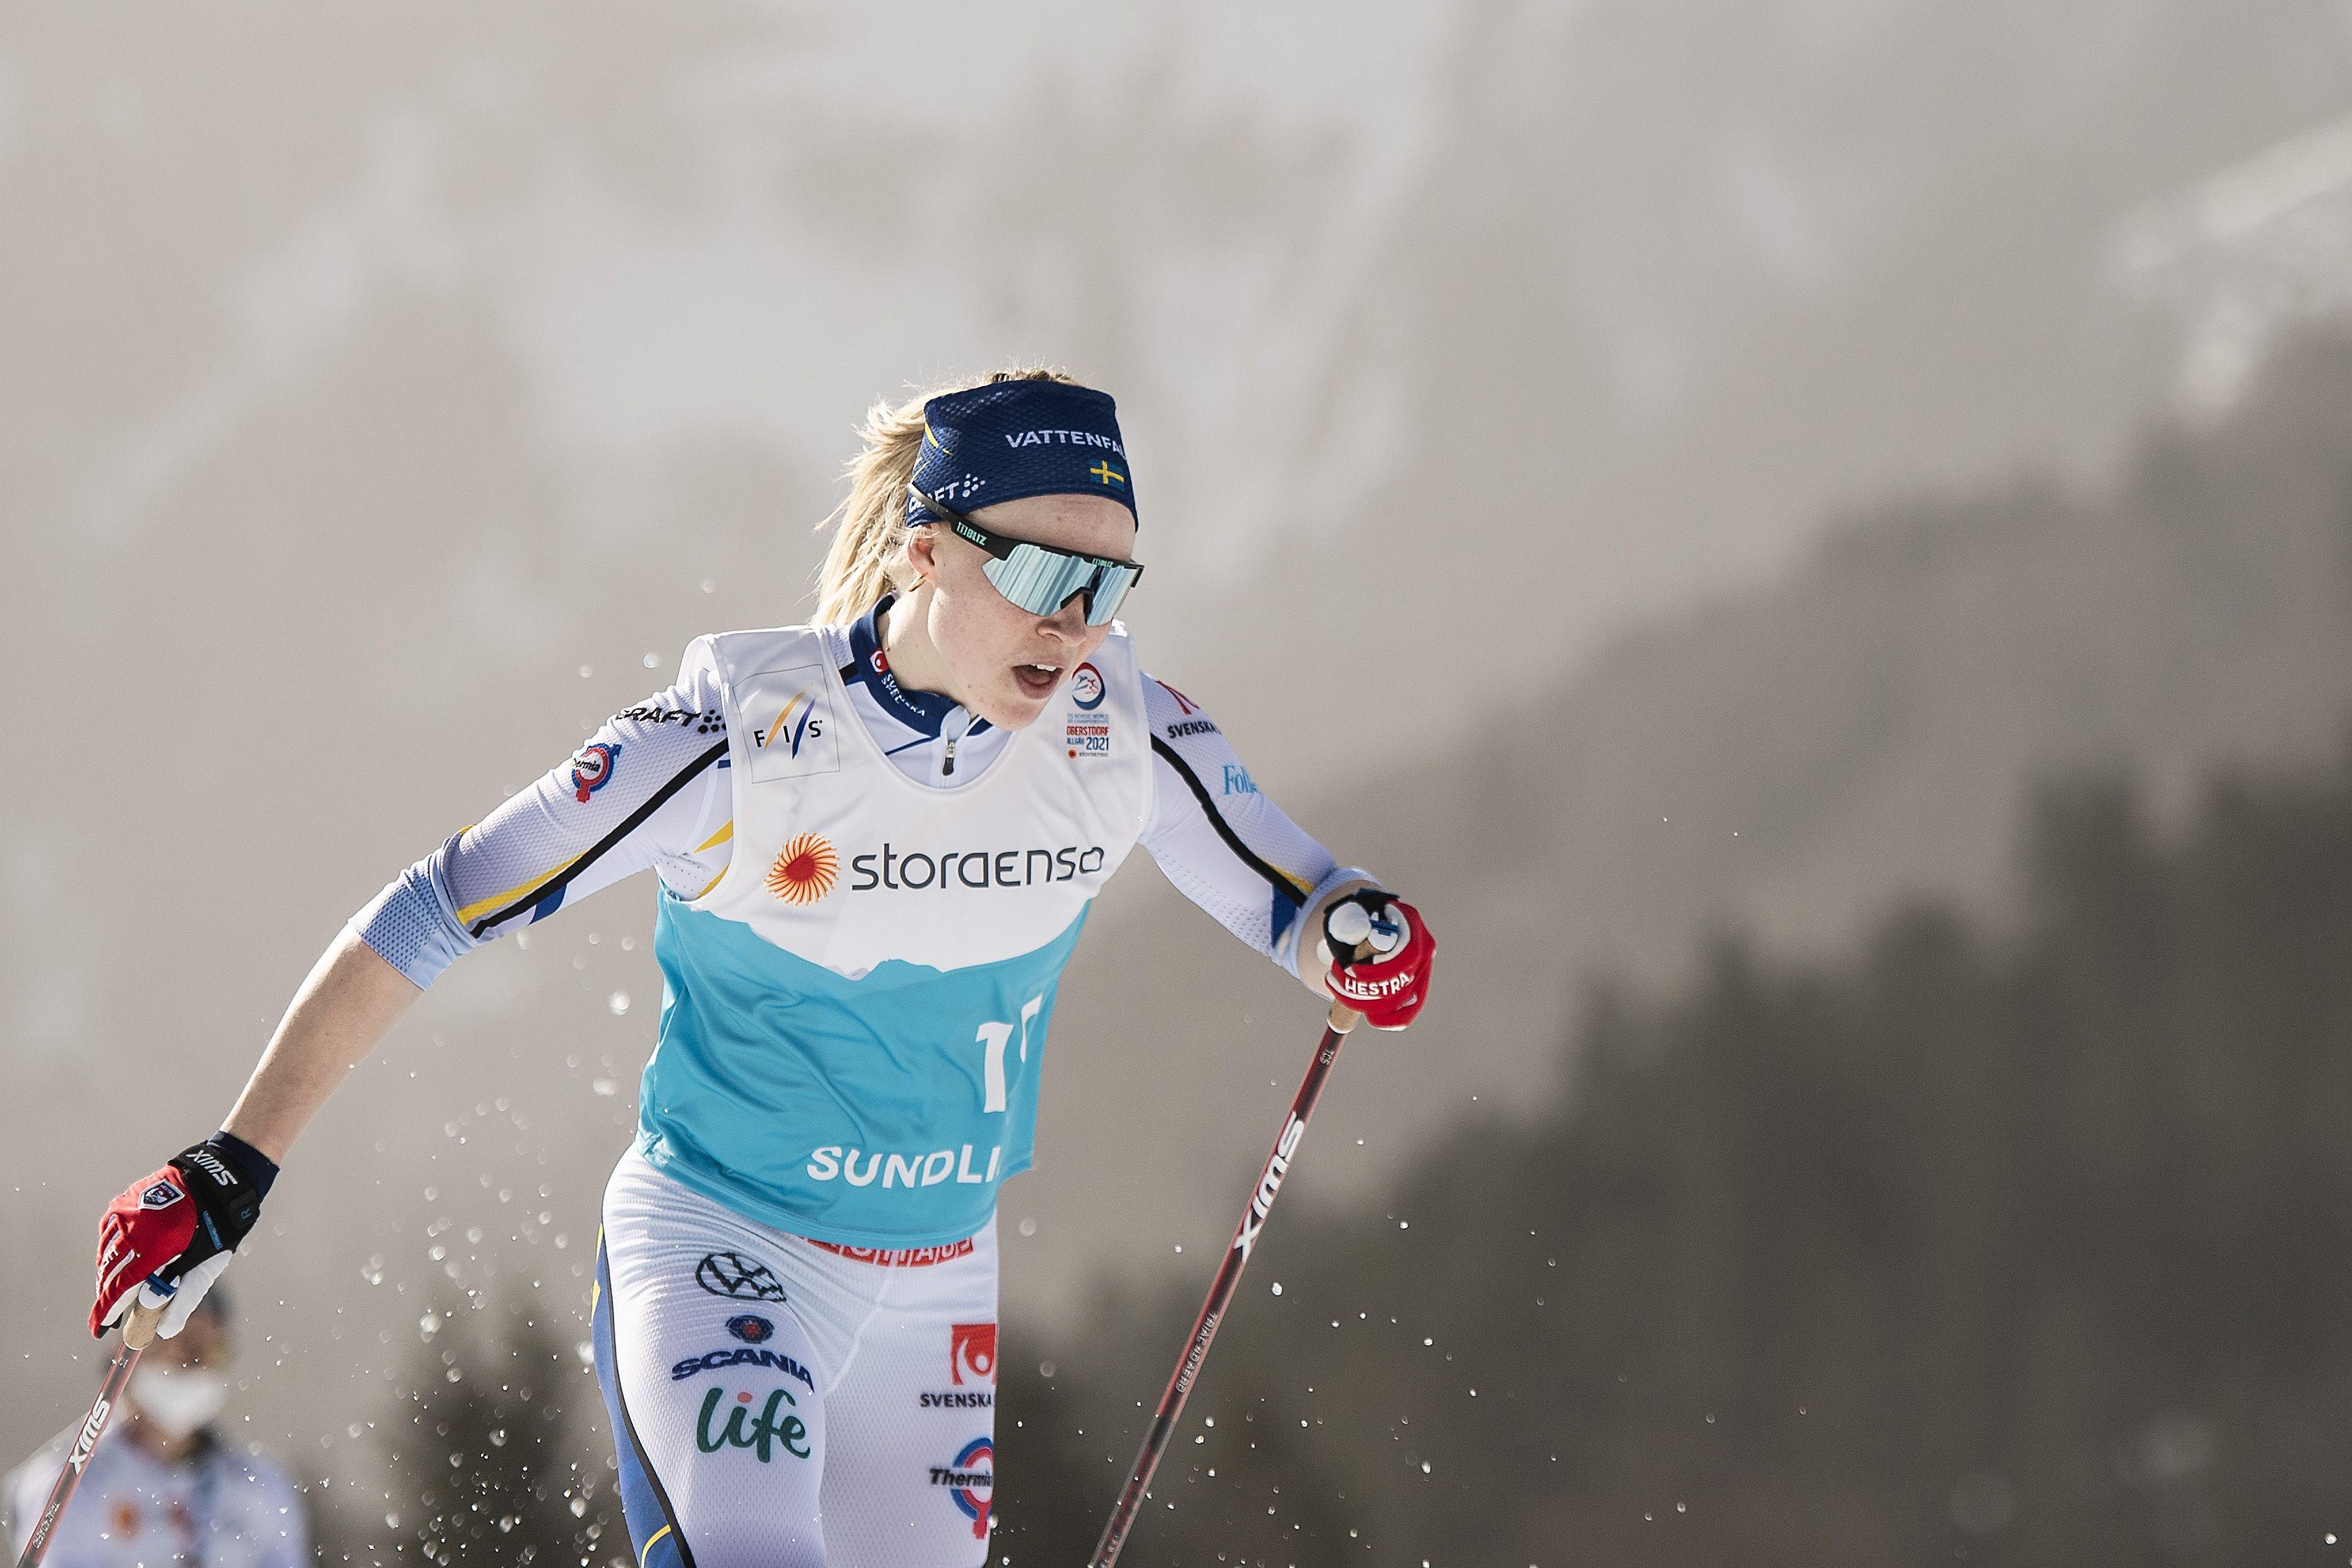 Шведская лыжница Сундлинг завоевала золото в спринте на ЧМ в Оберстдорфе